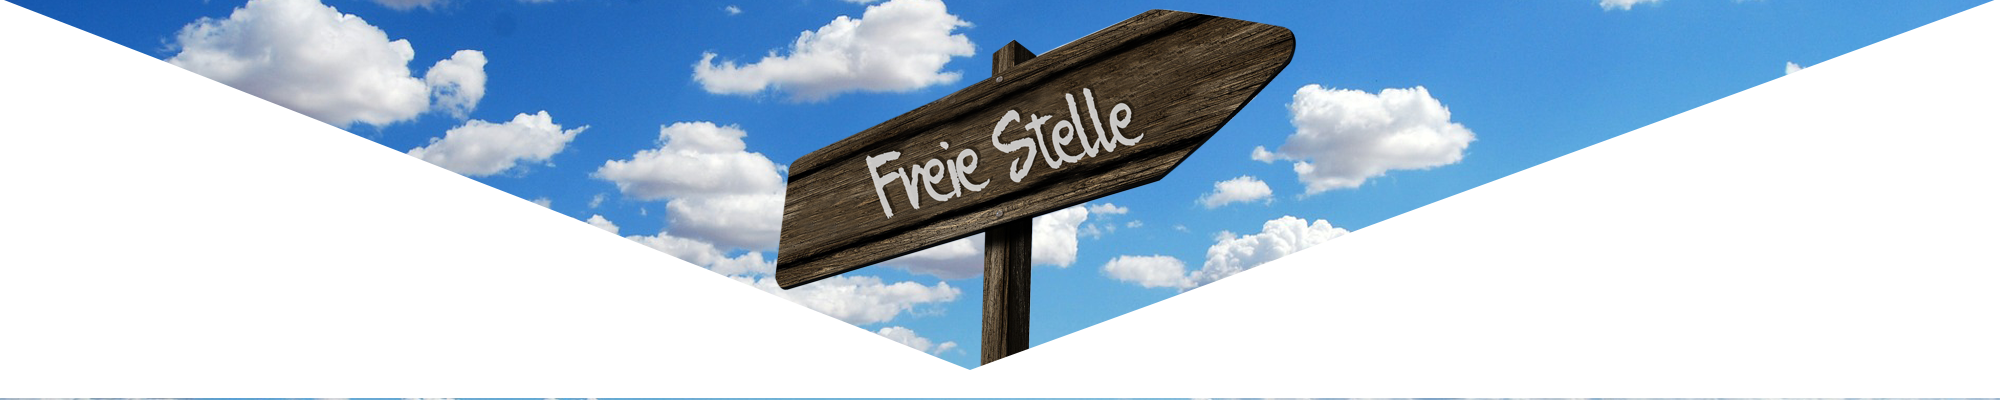 Freie_Stelle_Zeillinger